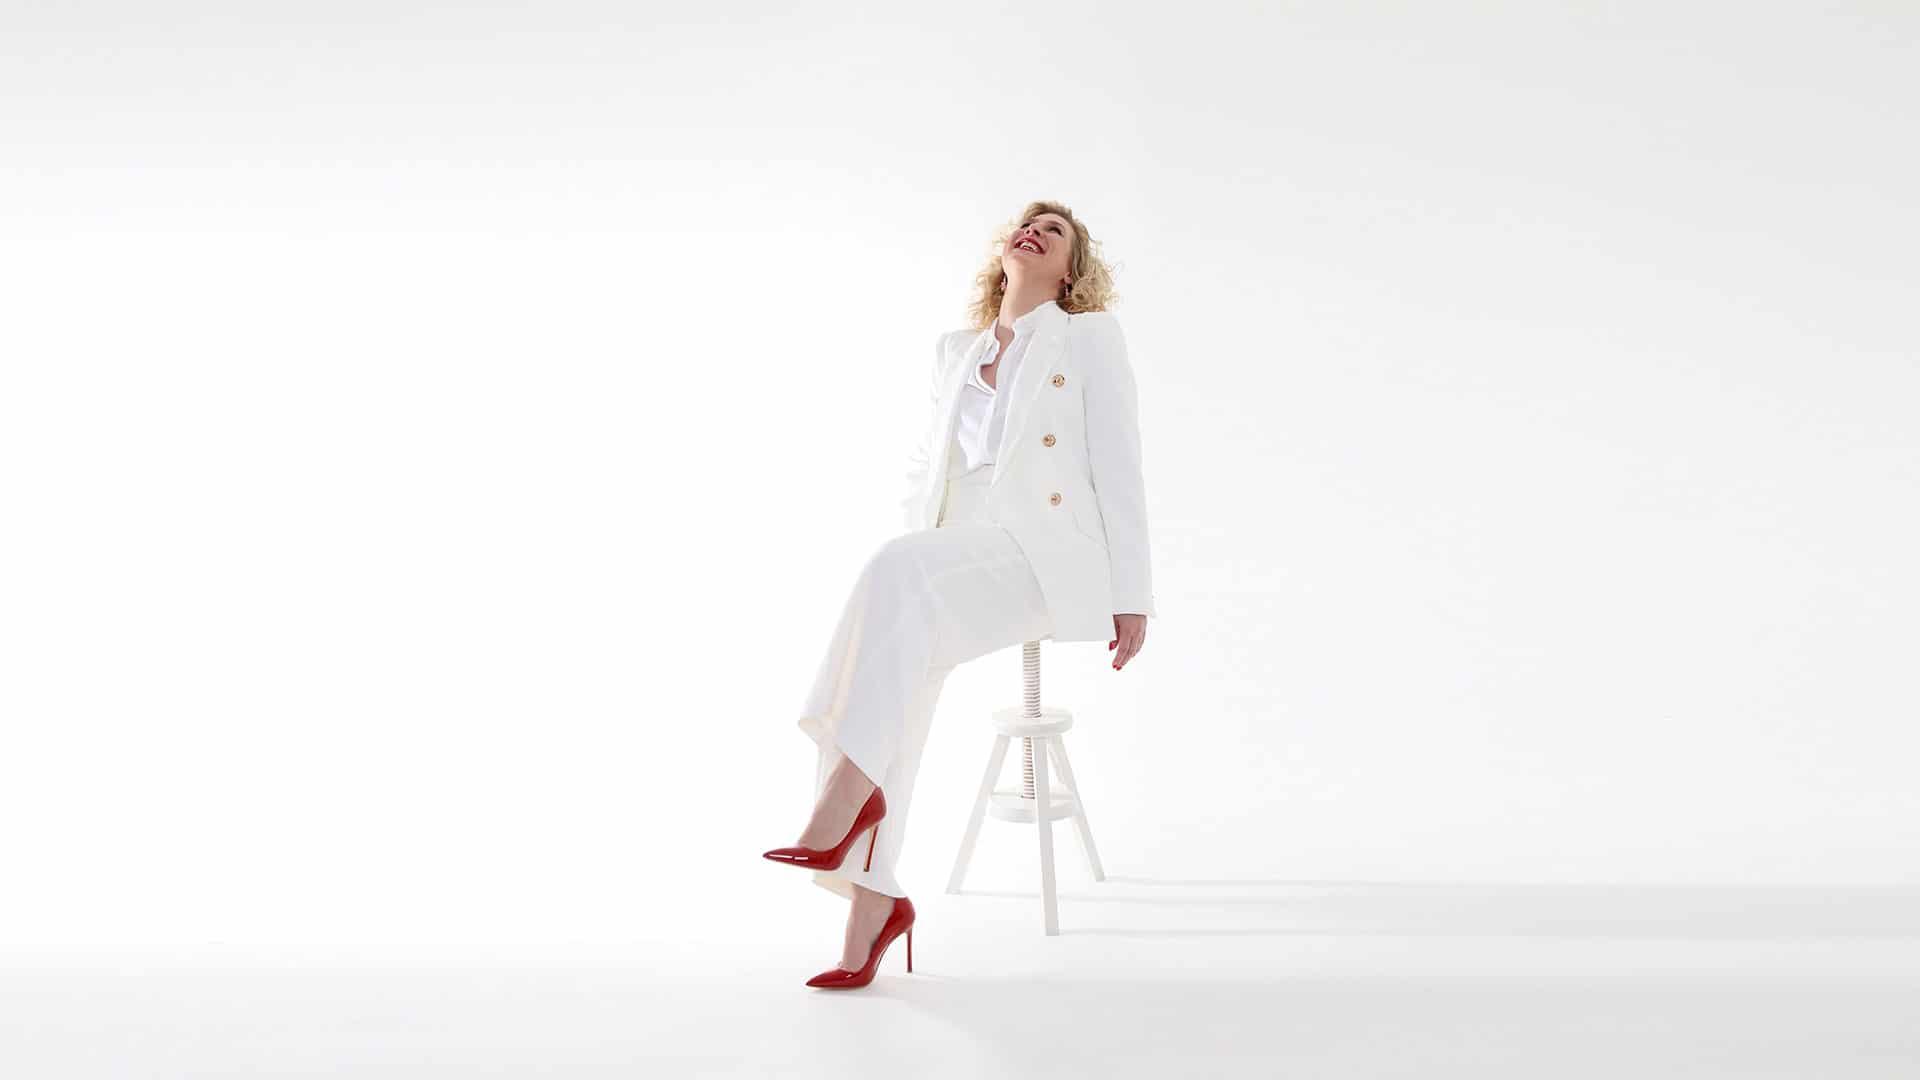 Weißer Anzug red Heels Relana Dombetzki ALDO Magazin